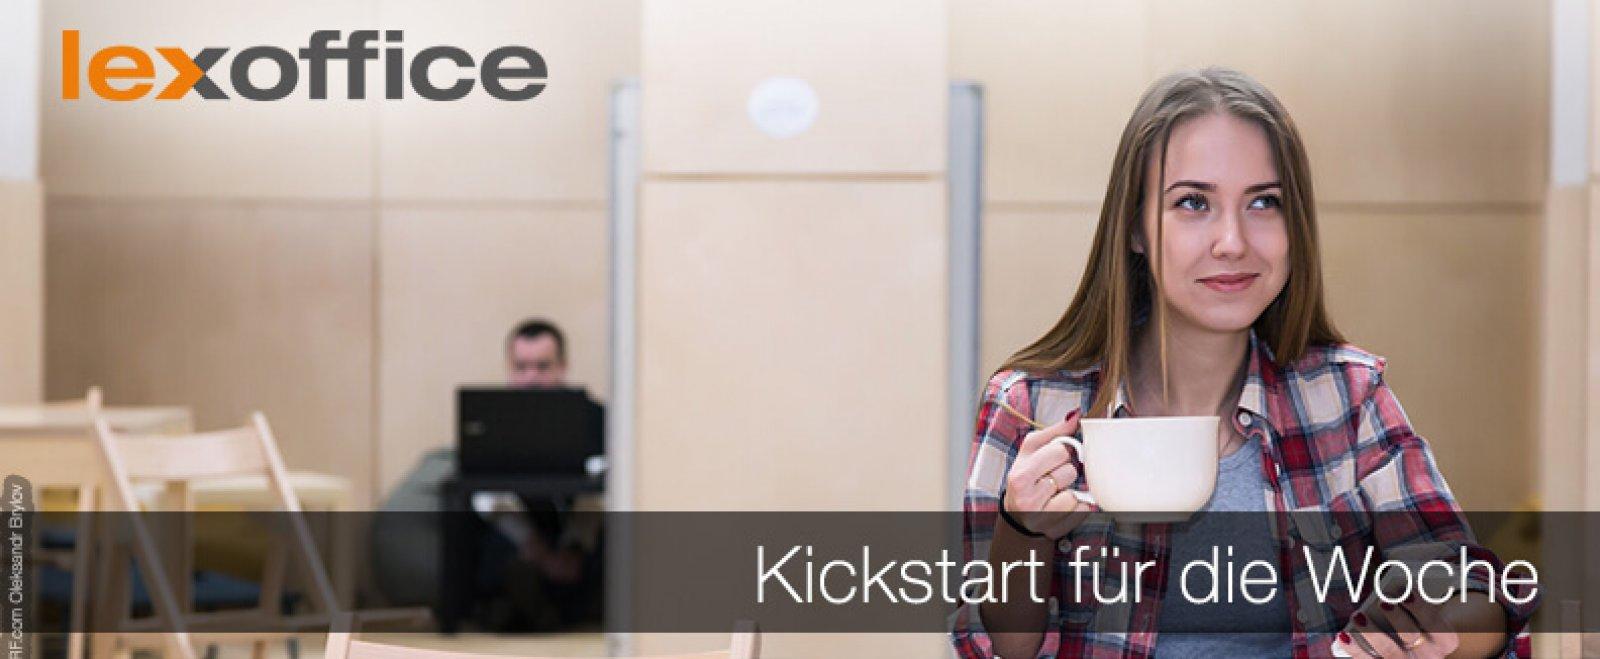 Kickstart für die Woche - 7 Tipps, damit Dein Montag in die Gänge kommt